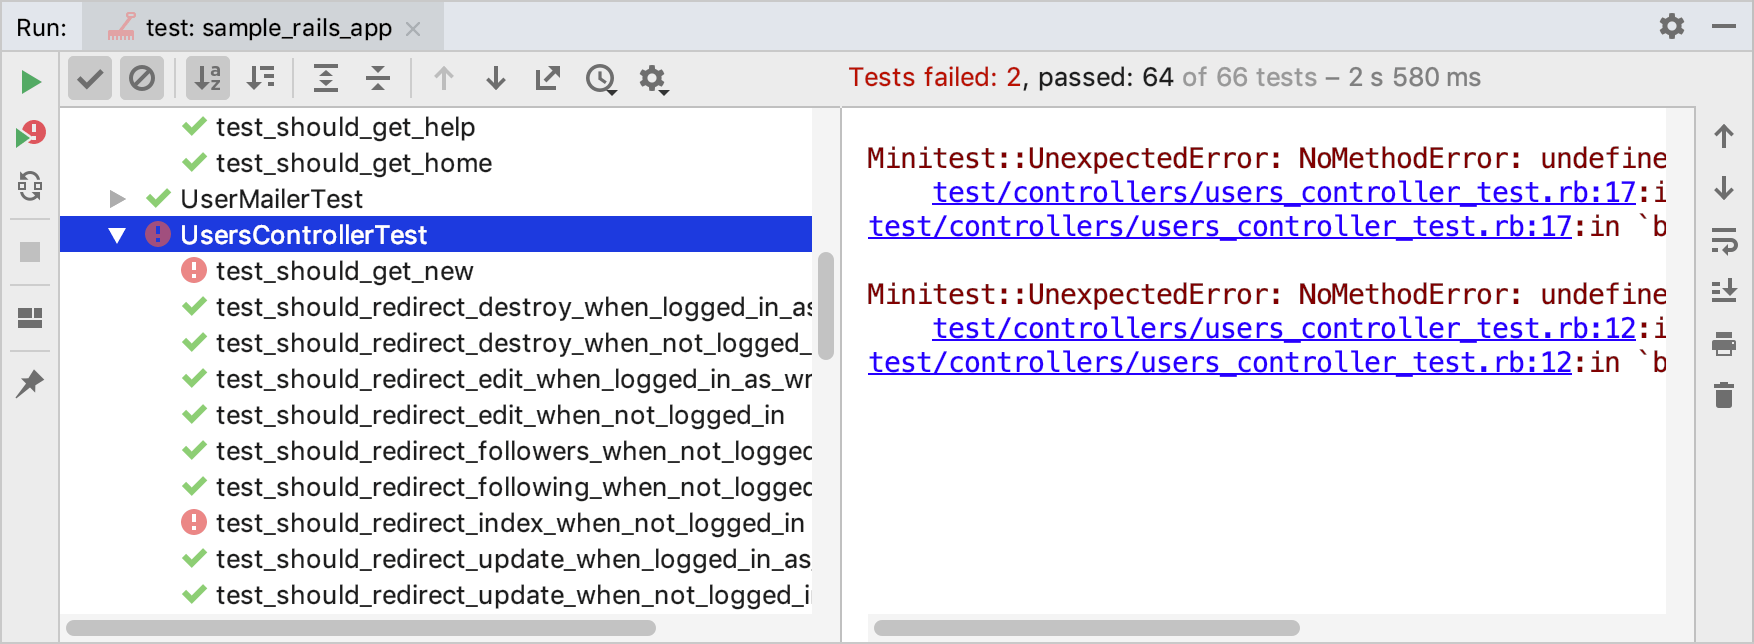 Failed tests